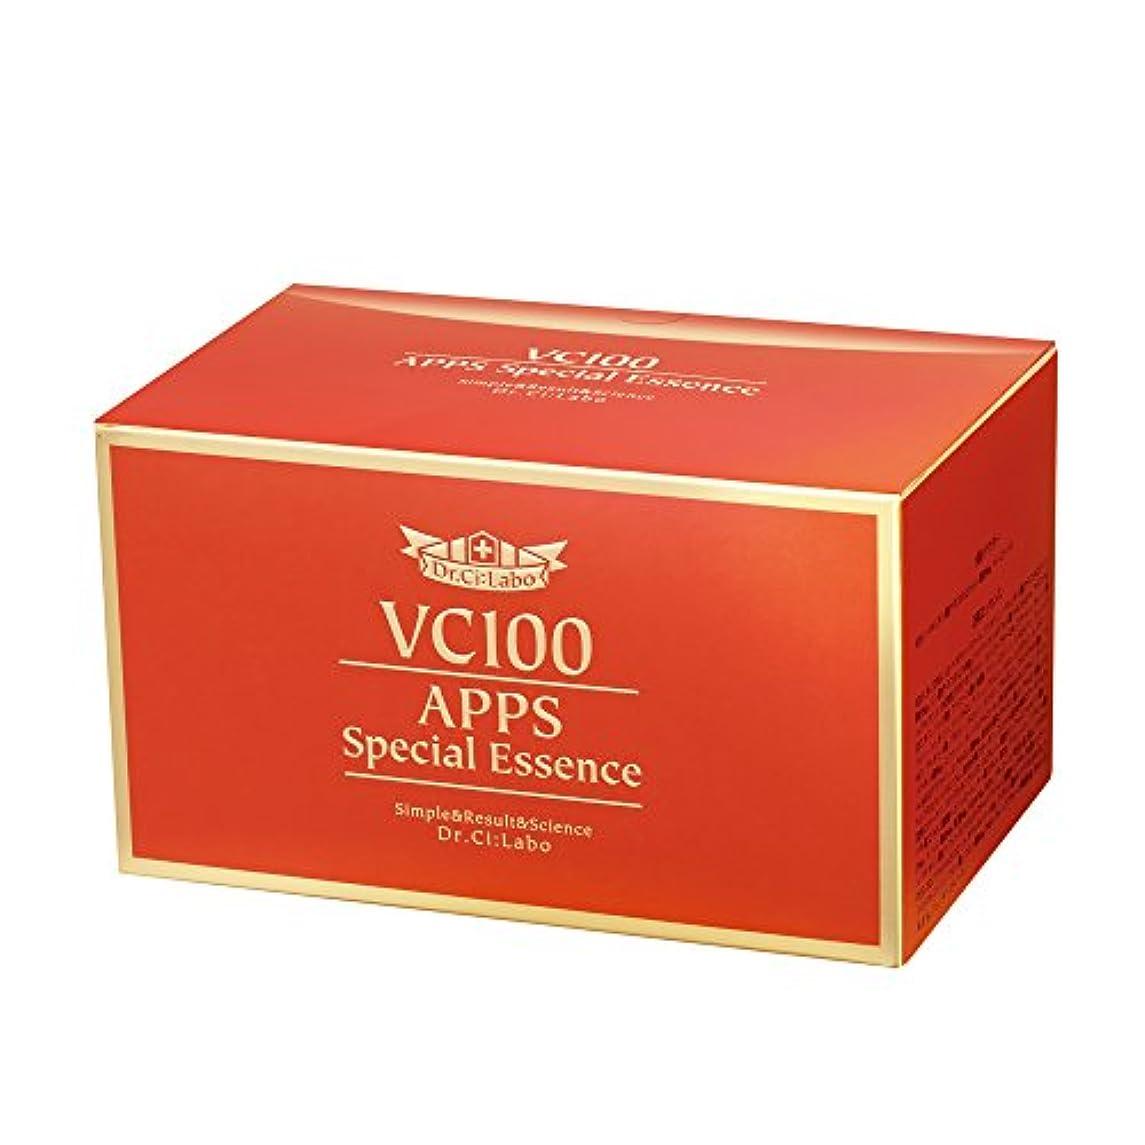 影響力のある杖写真撮影ドクターシーラボ VC100APPSスペシャルエッセンス 7日分×4セット 集中美容液